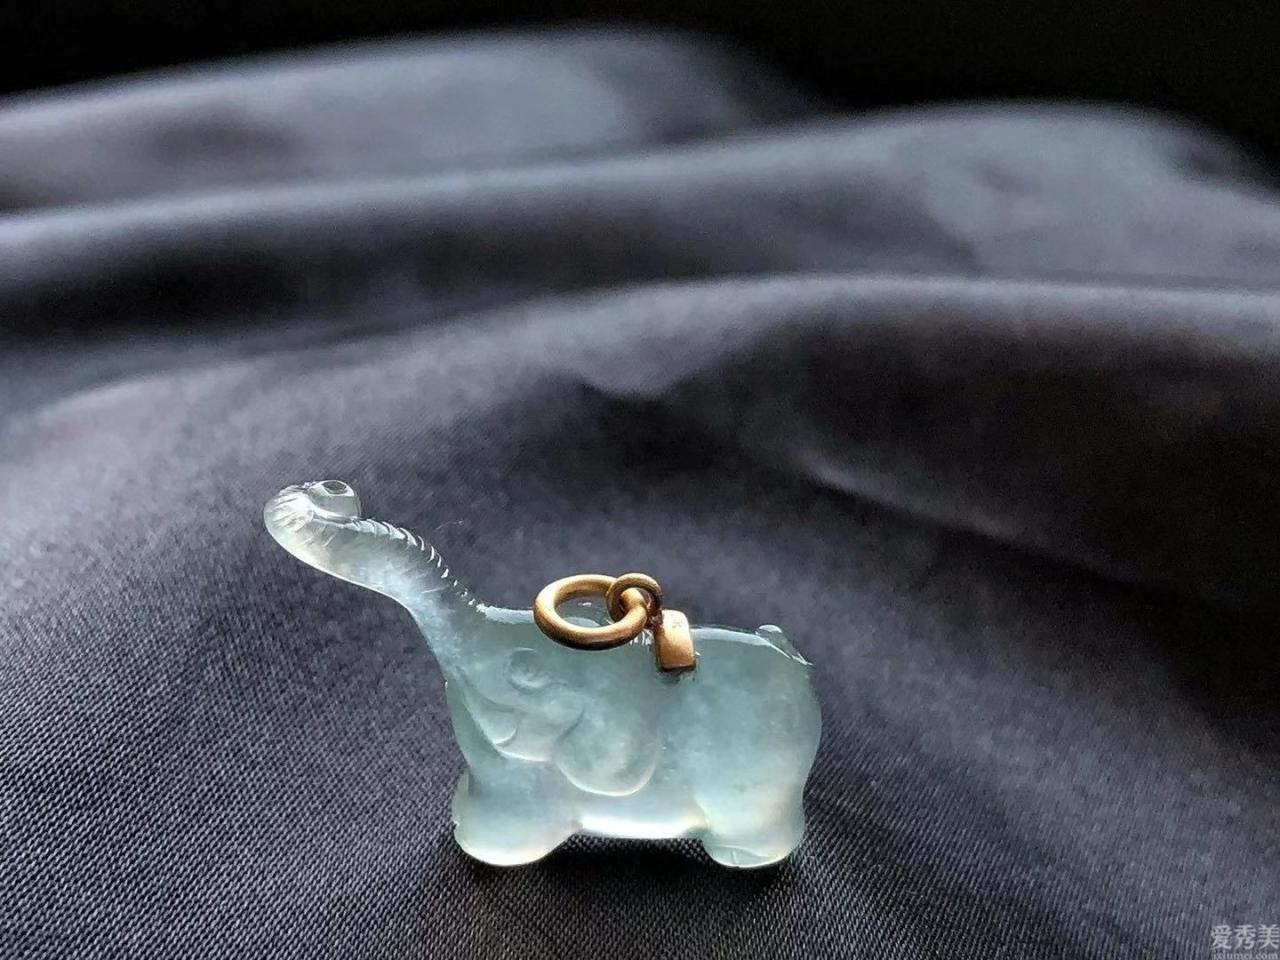 這種超可愛的首飾,除瞭可愛的動物也是有復古時尚的物品,讓人難以言喻